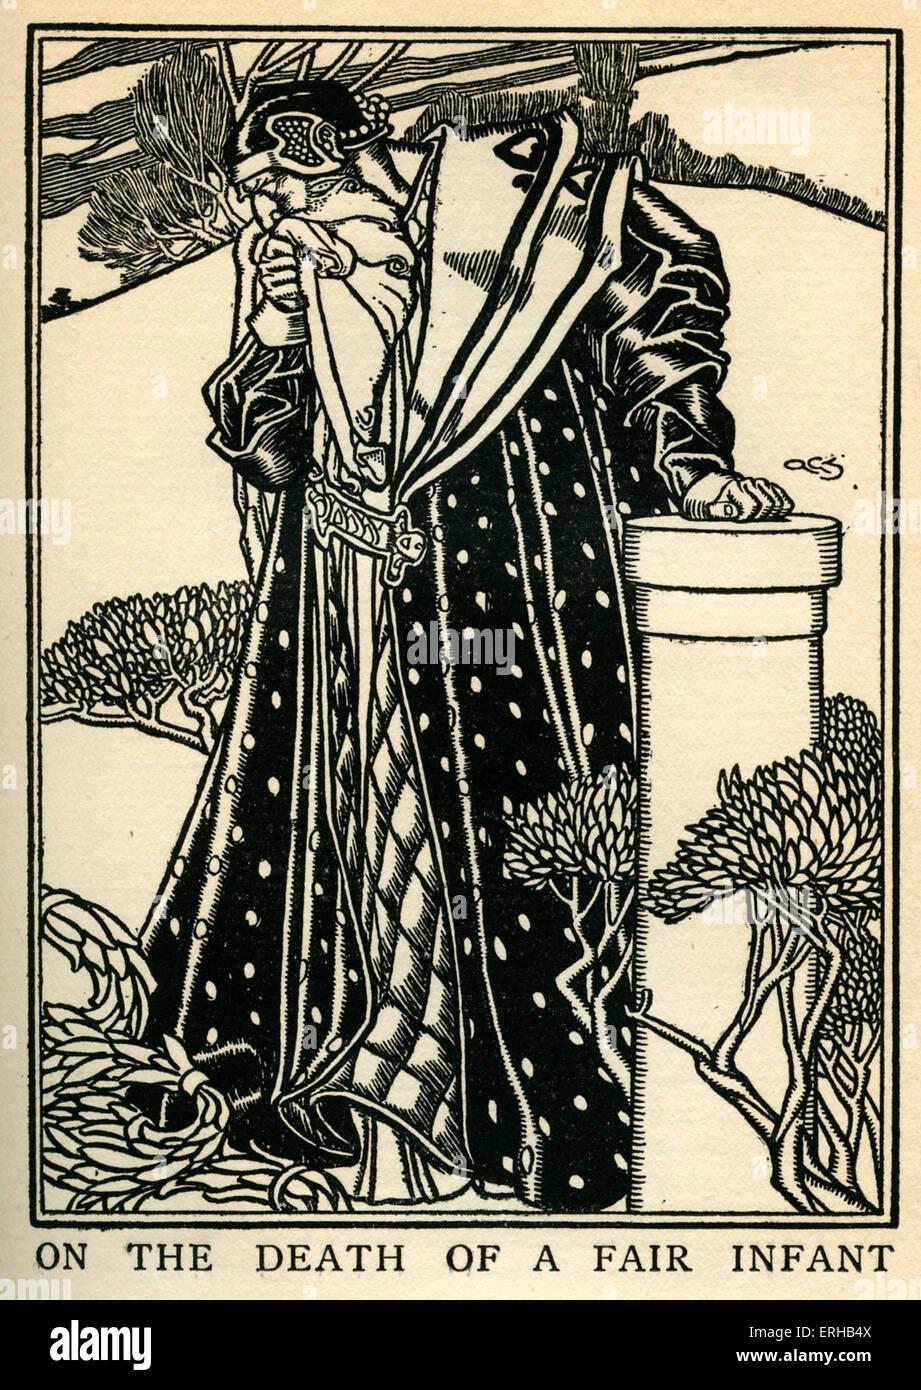 A la muerte de un bebé justo, muriendo de una tos, por John Milton (1608-1674). Publicado en poemas de 1645, título dice: 'En el Foto de stock